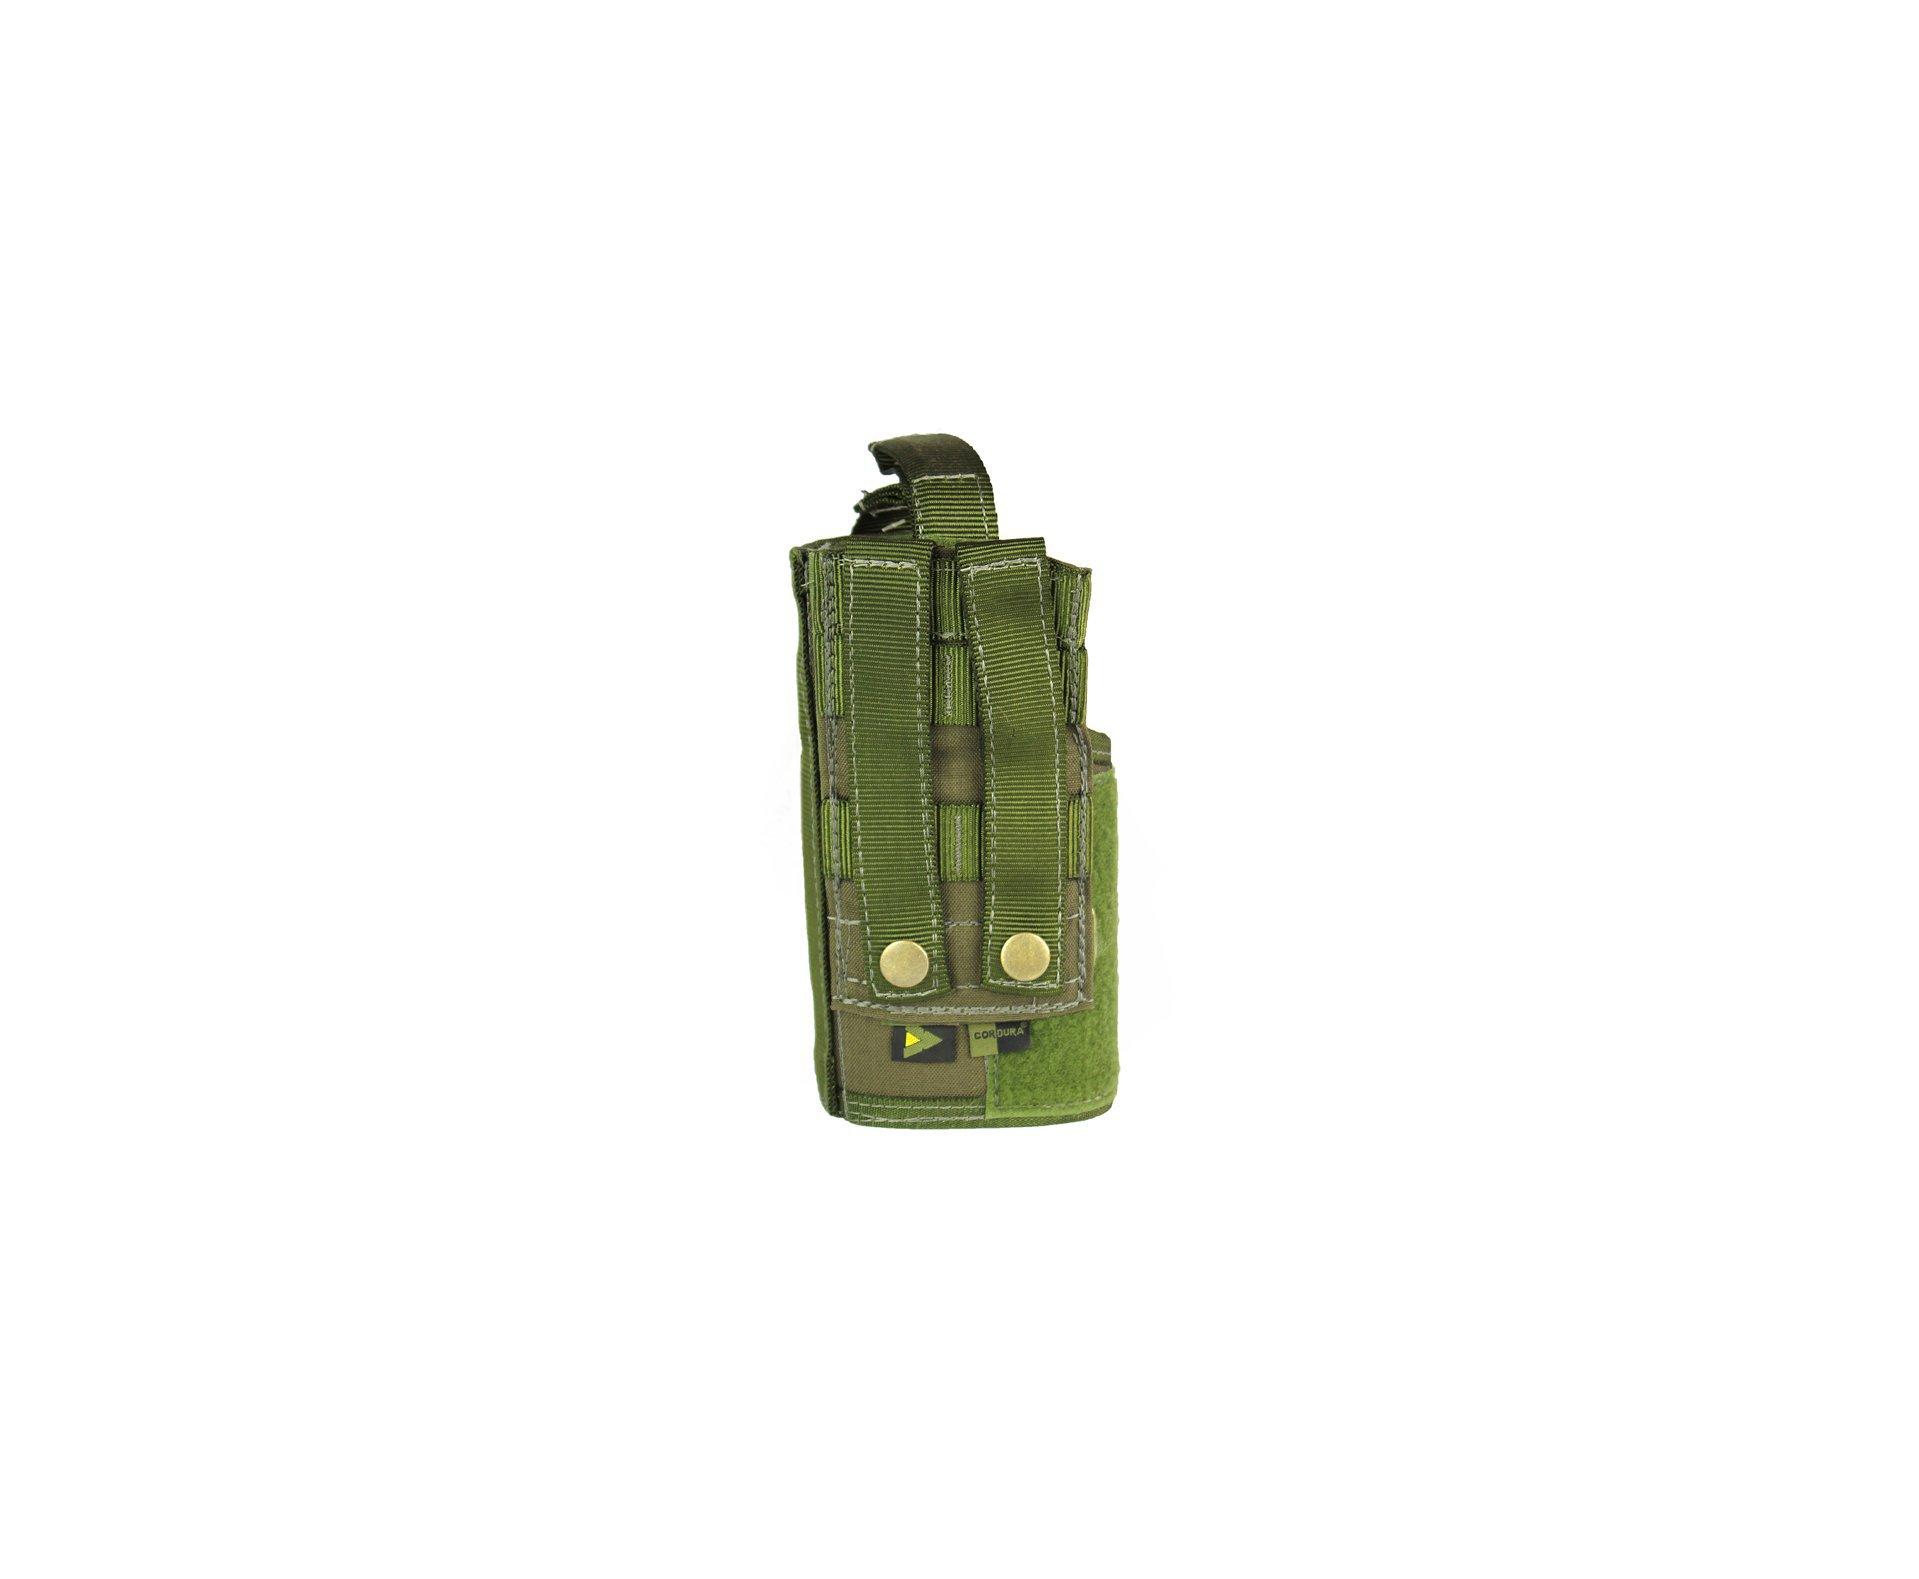 Coldre Tático Modular Verde Destro - Dacs